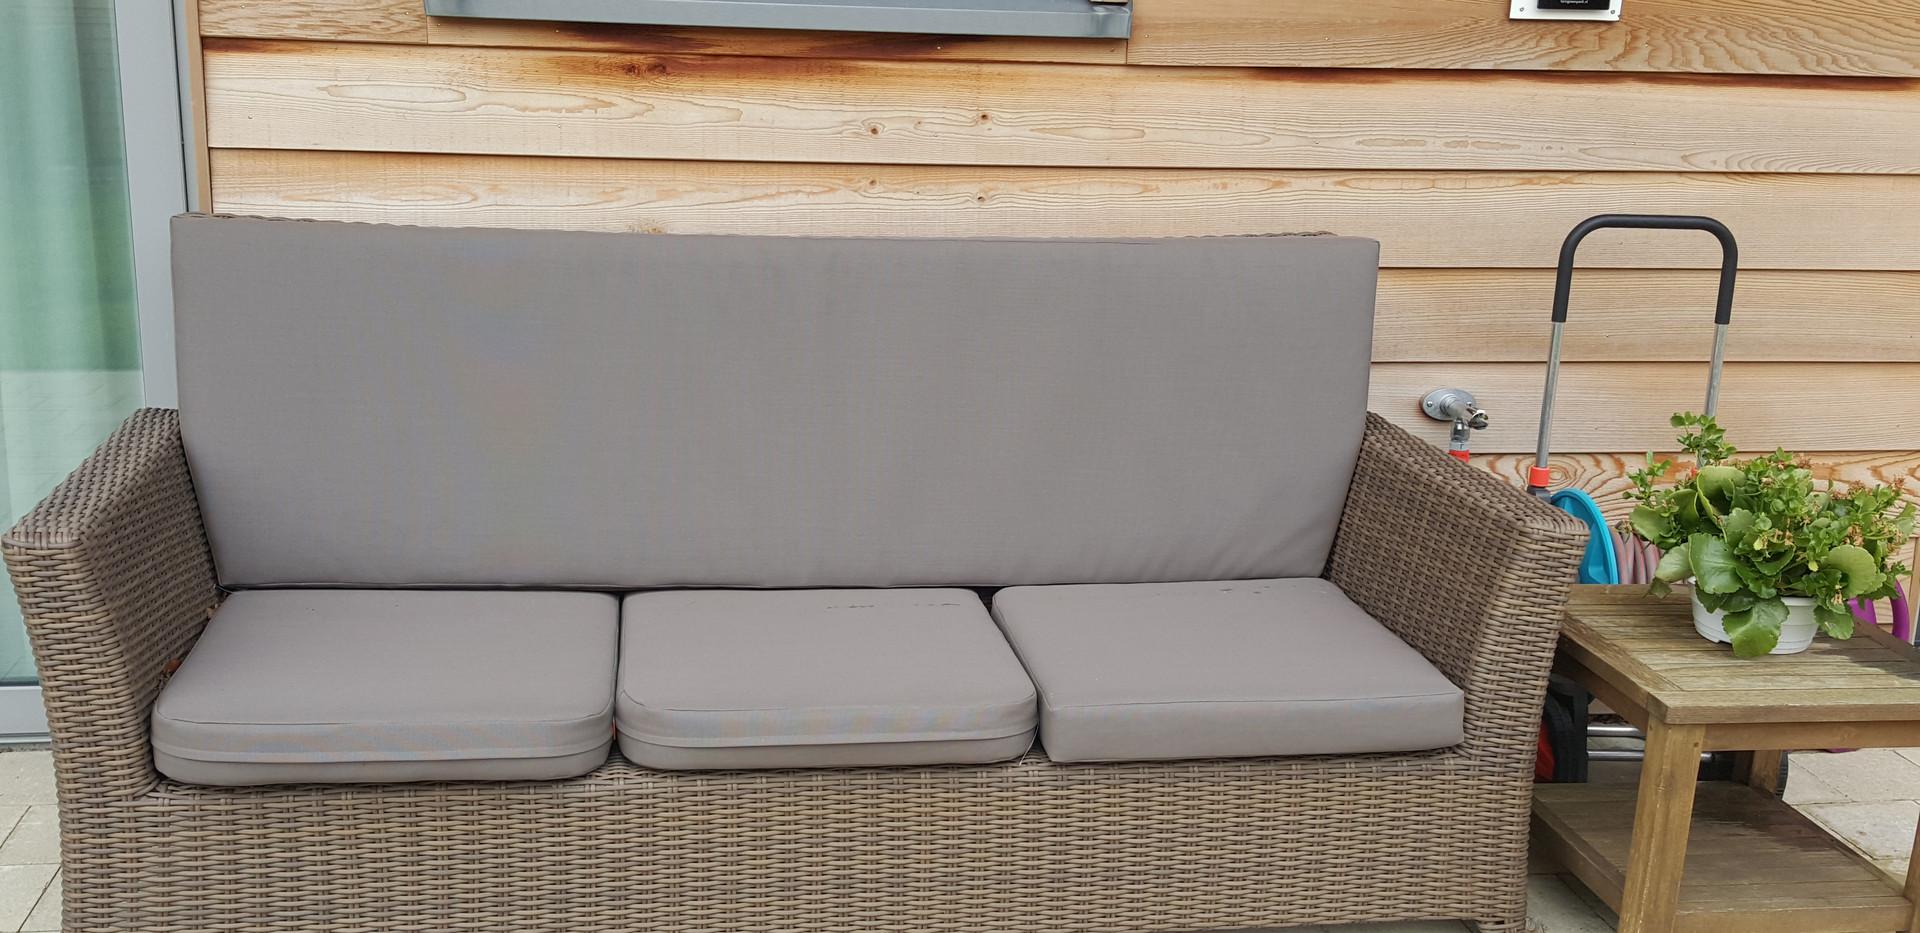 Außenbereich Couch Lounge Cadzand Bonnies